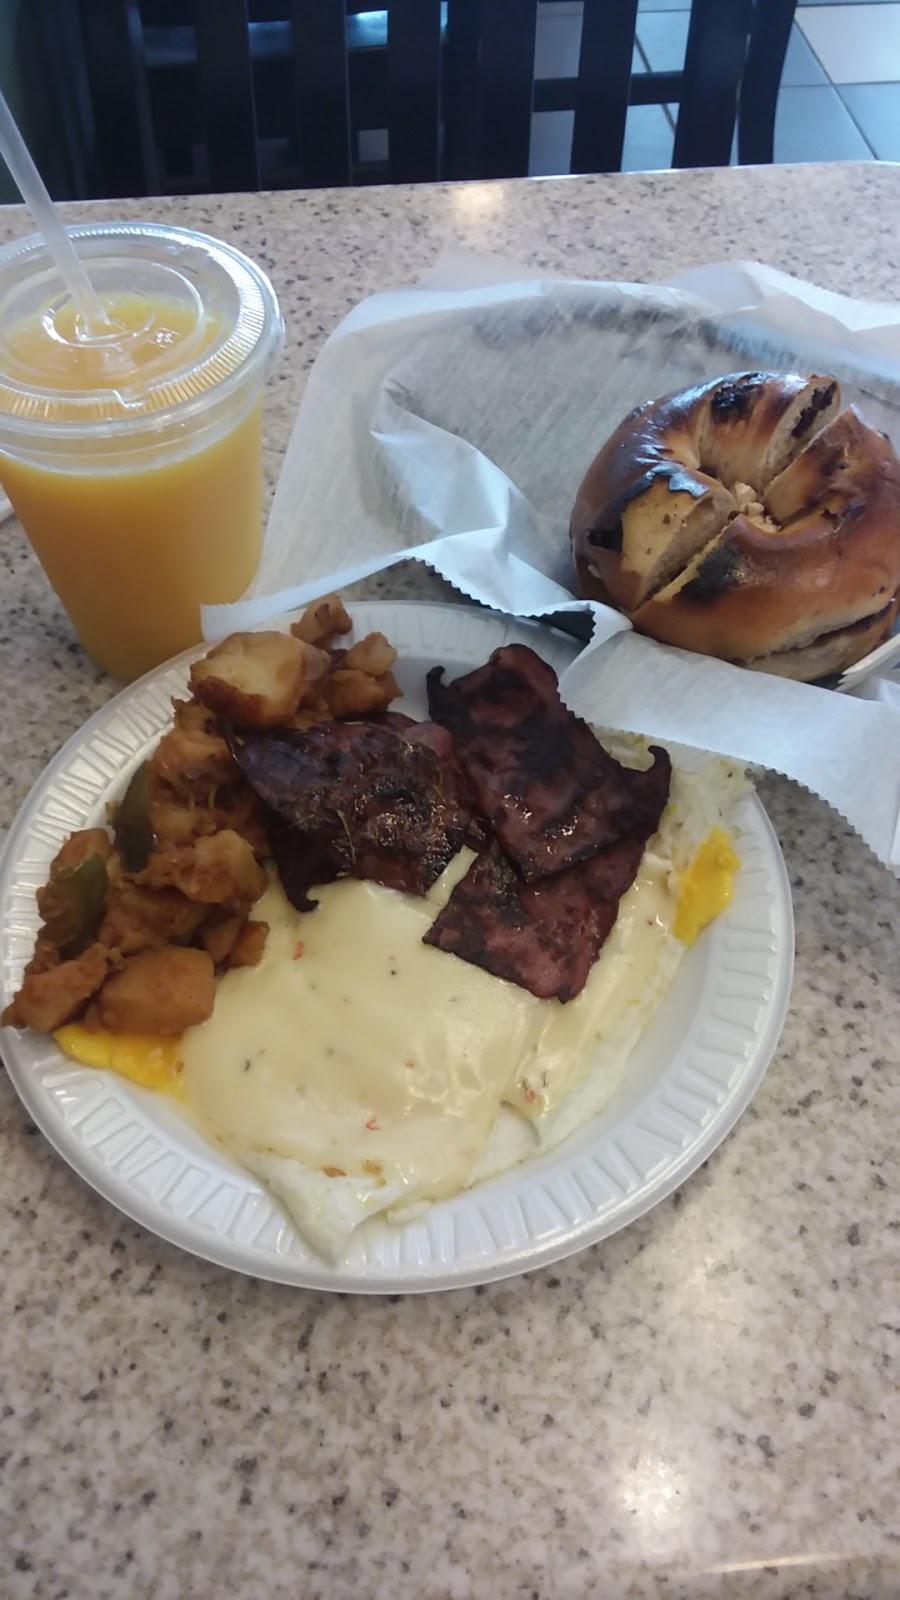 Wayne Hot Bagels and Cafe - bakery  | Photo 6 of 10 | Address: 1055 Hamburg Turnpike, Wayne, NJ 07470, USA | Phone: (973) 694-9964